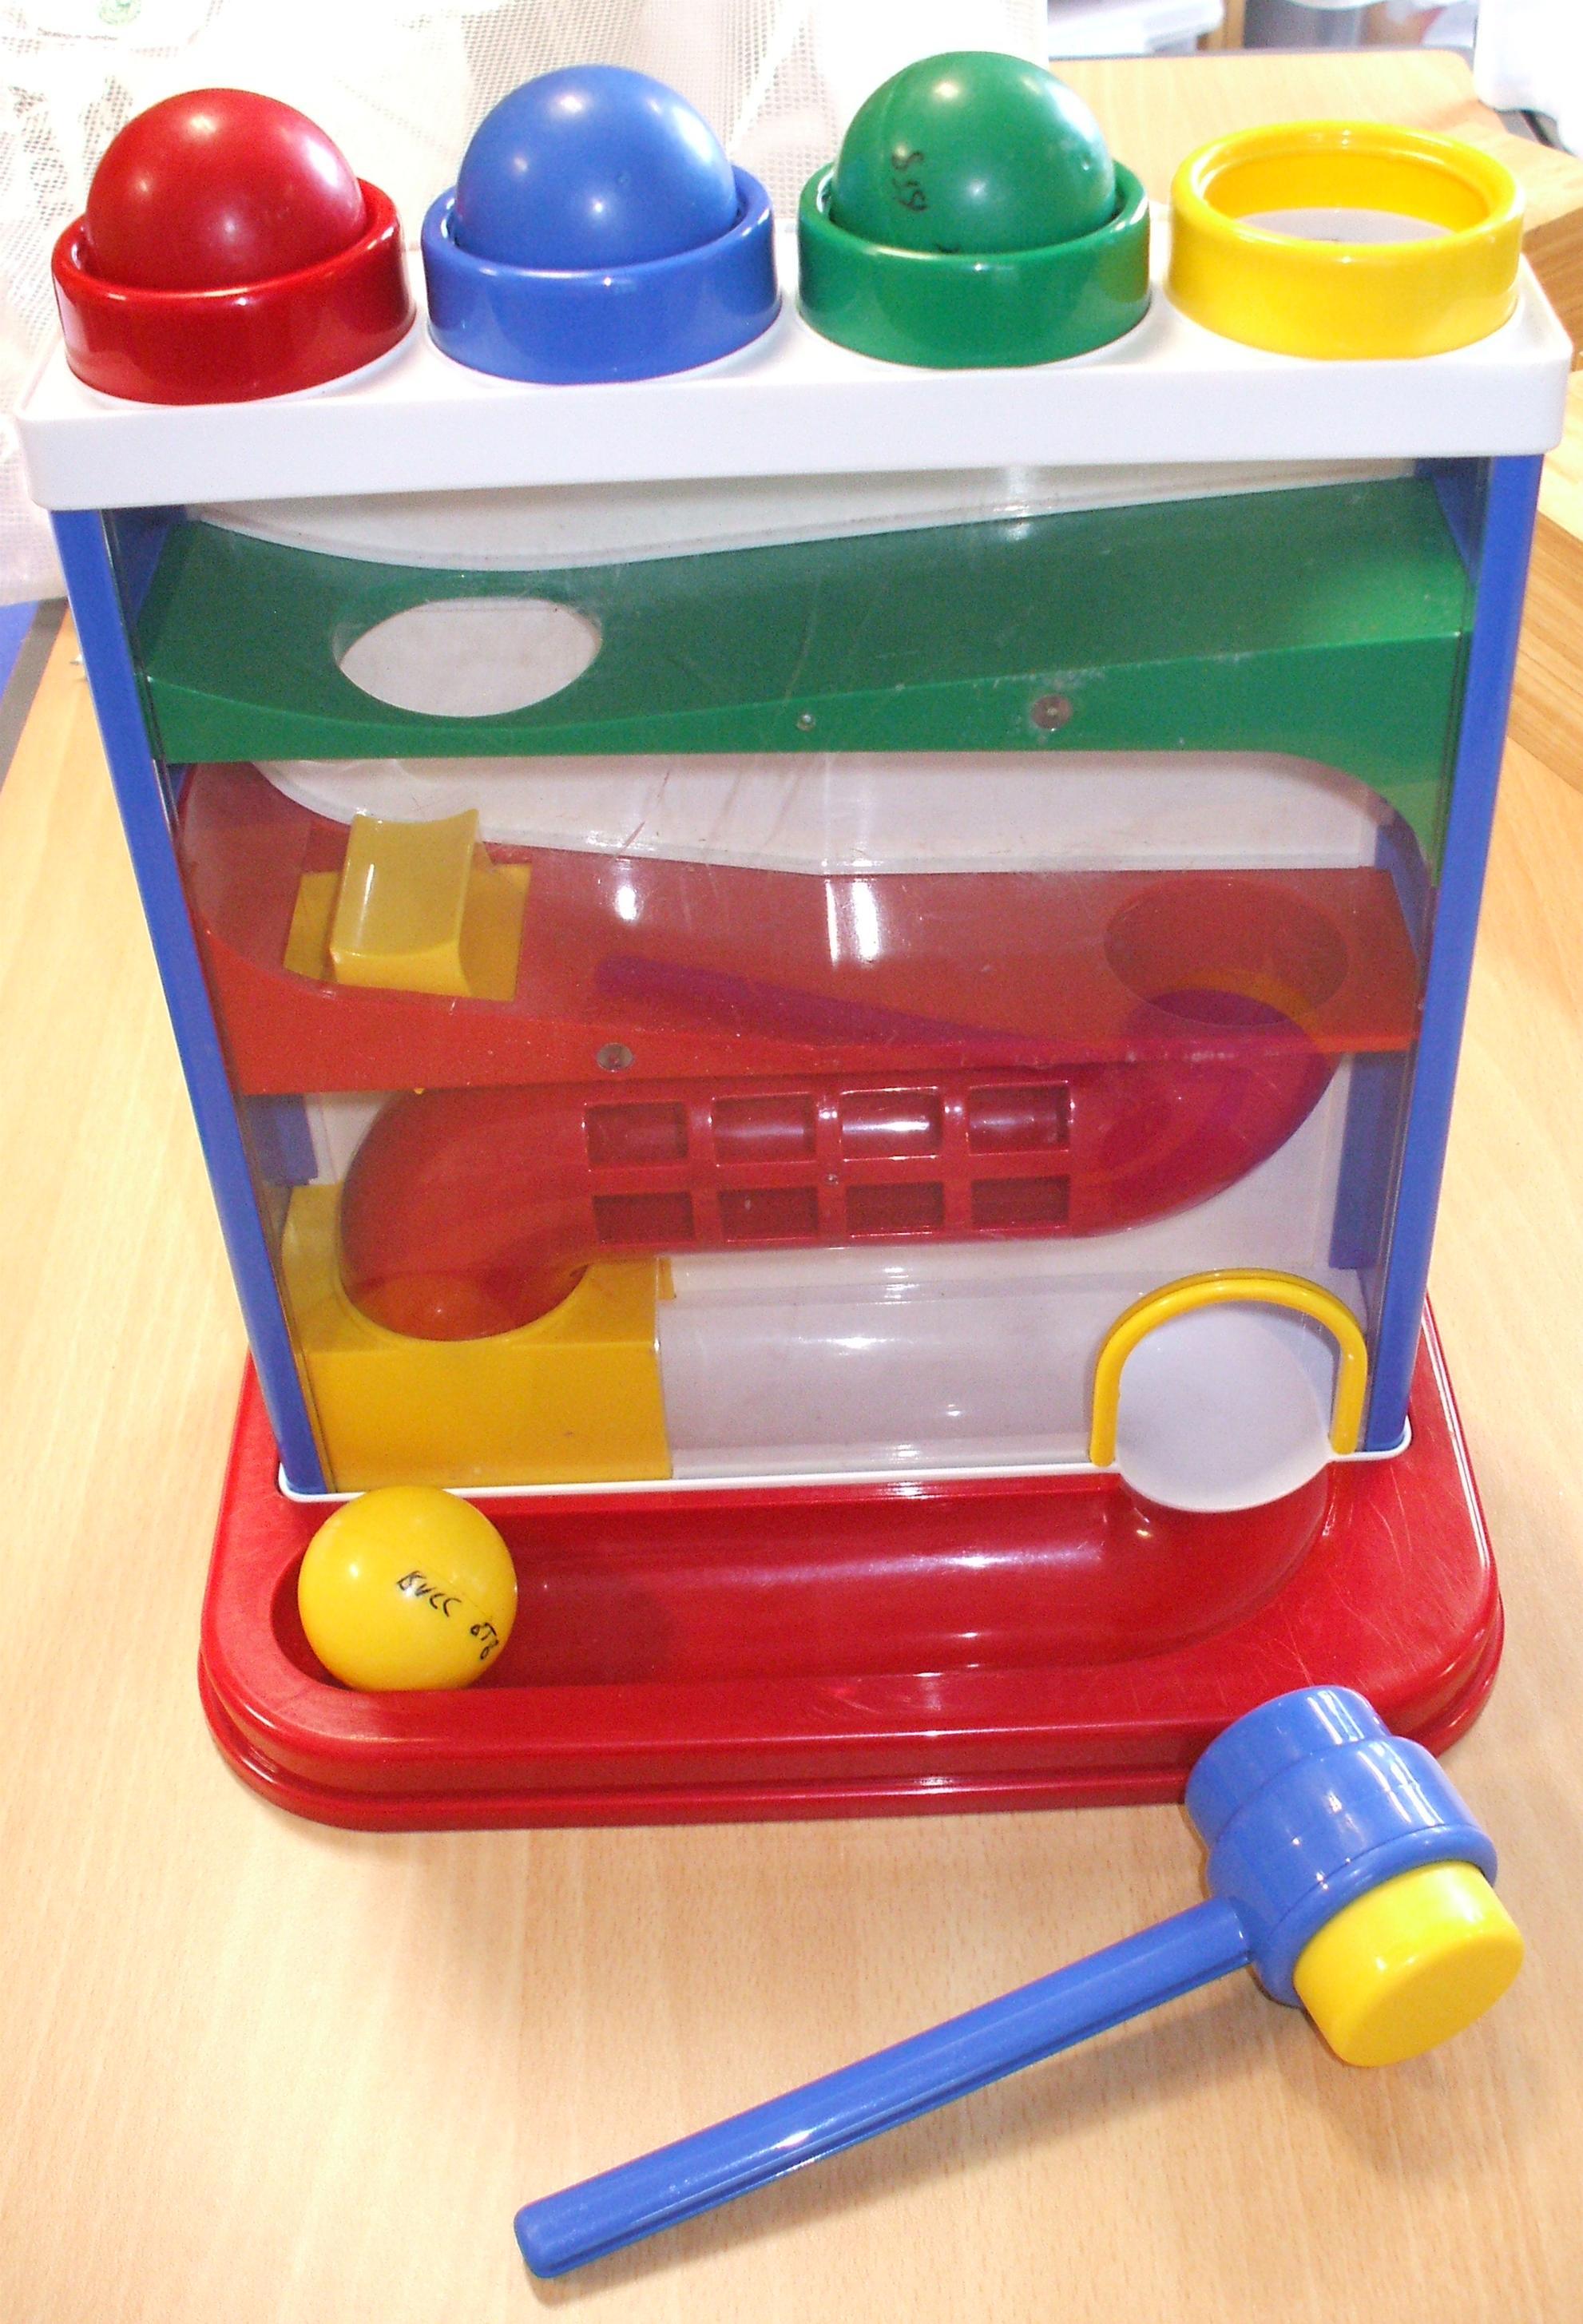 Pound A Ball Toy Toys : Beane valley